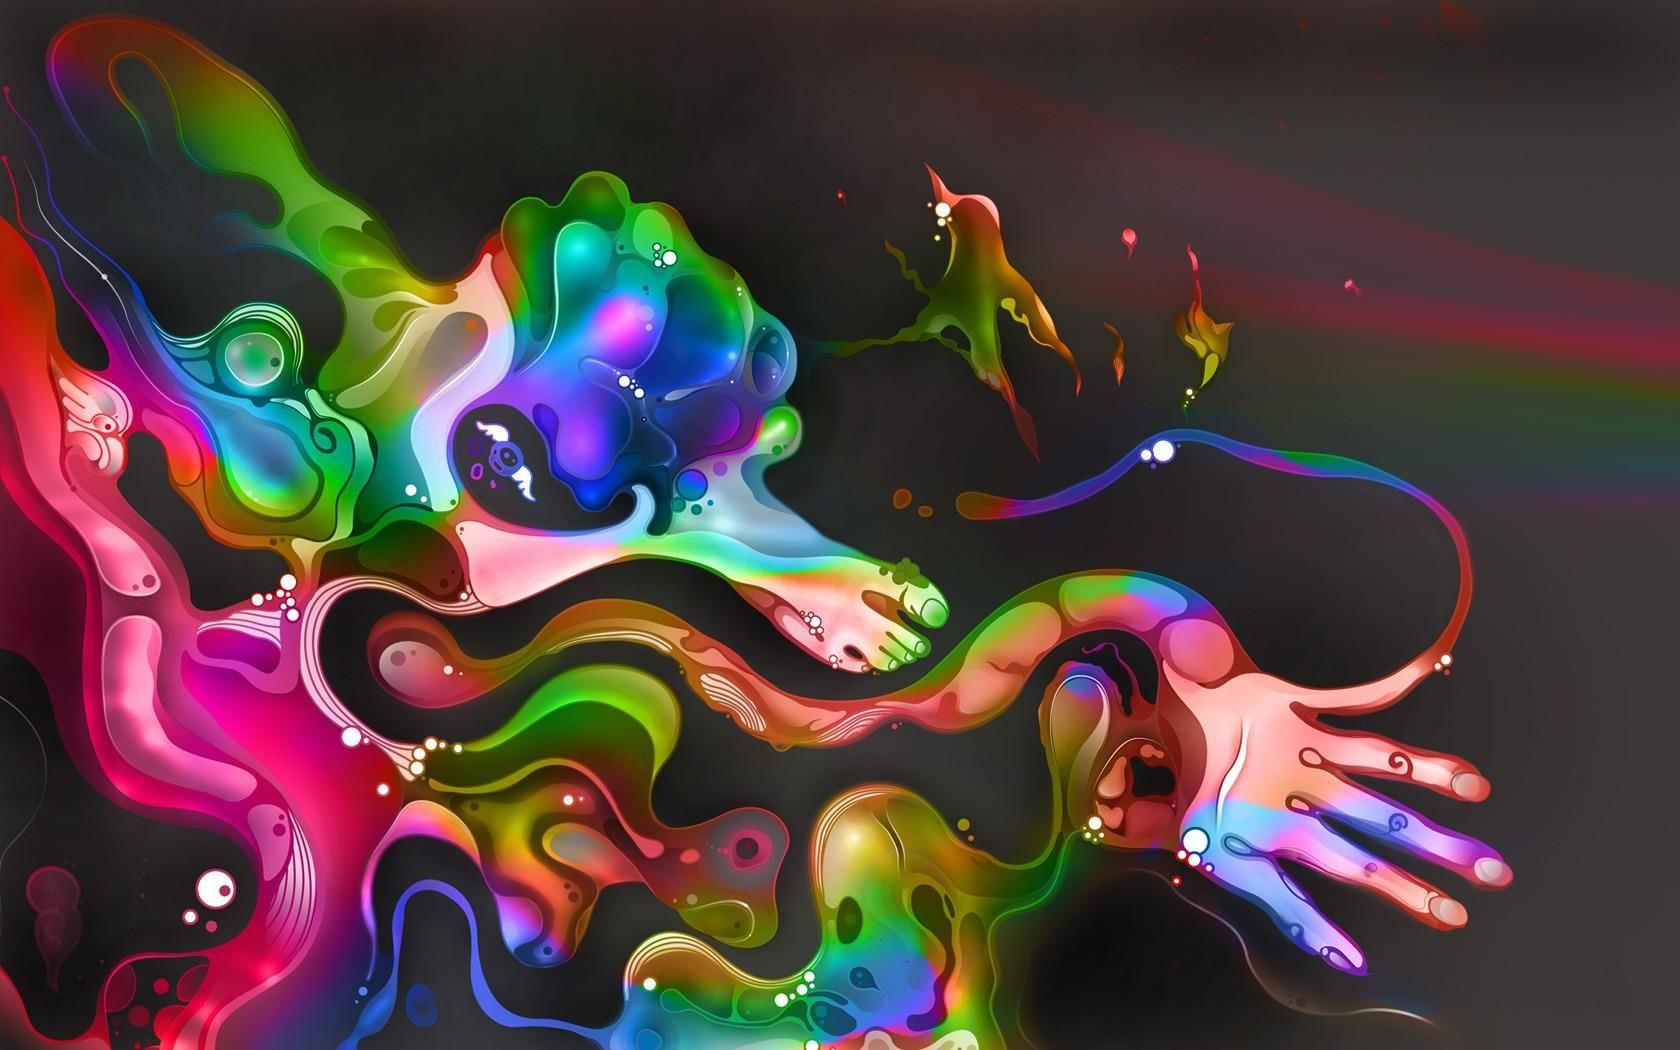 Fonds D Ecran Pour Tablette Tactile Fond D Ecran Abstrait Papier Peint D Art Dessin De Paysage Fantastique